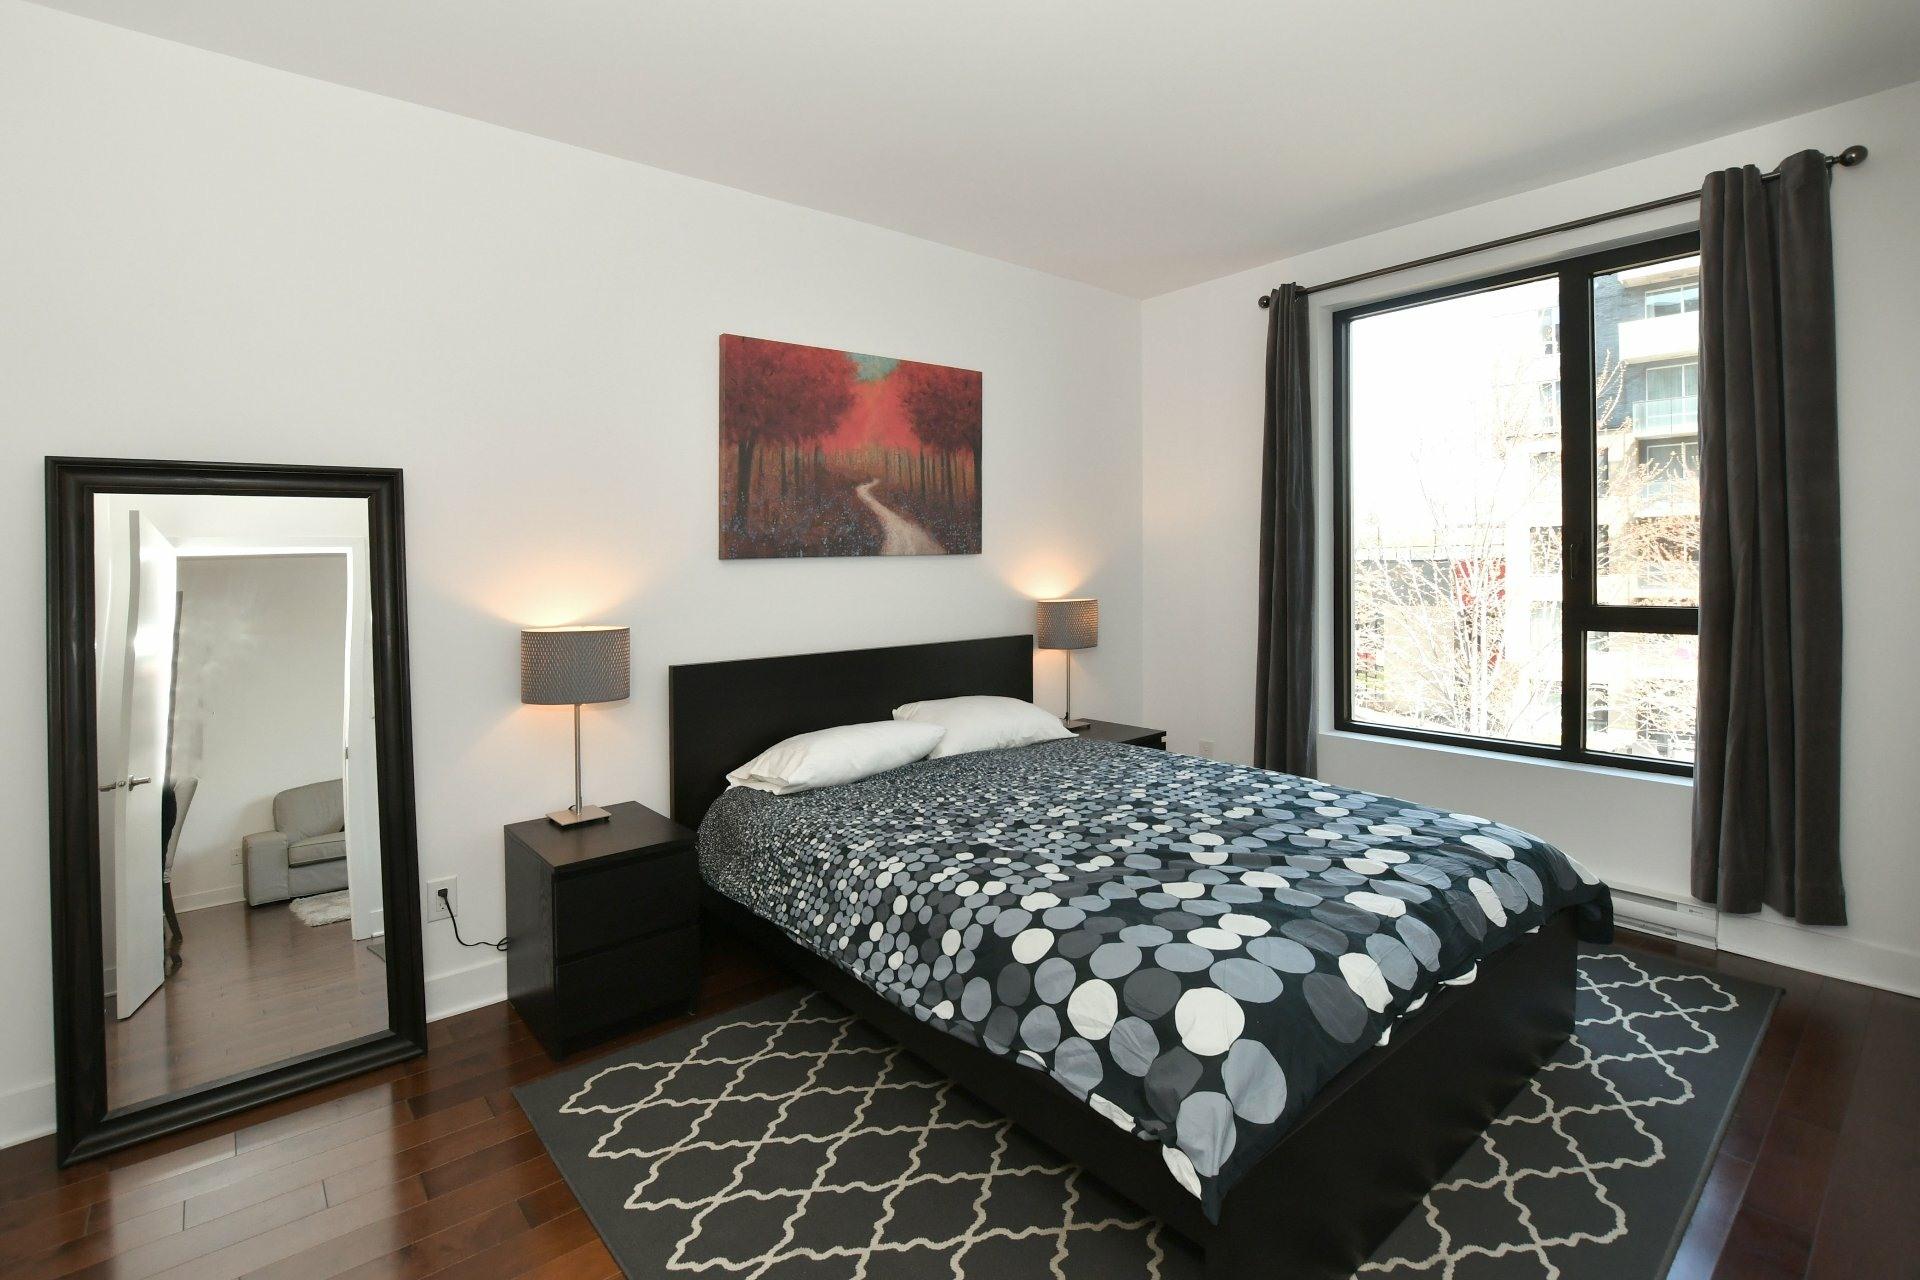 image 13 - Apartment For rent Côte-des-Neiges/Notre-Dame-de-Grâce Montréal  - 4 rooms